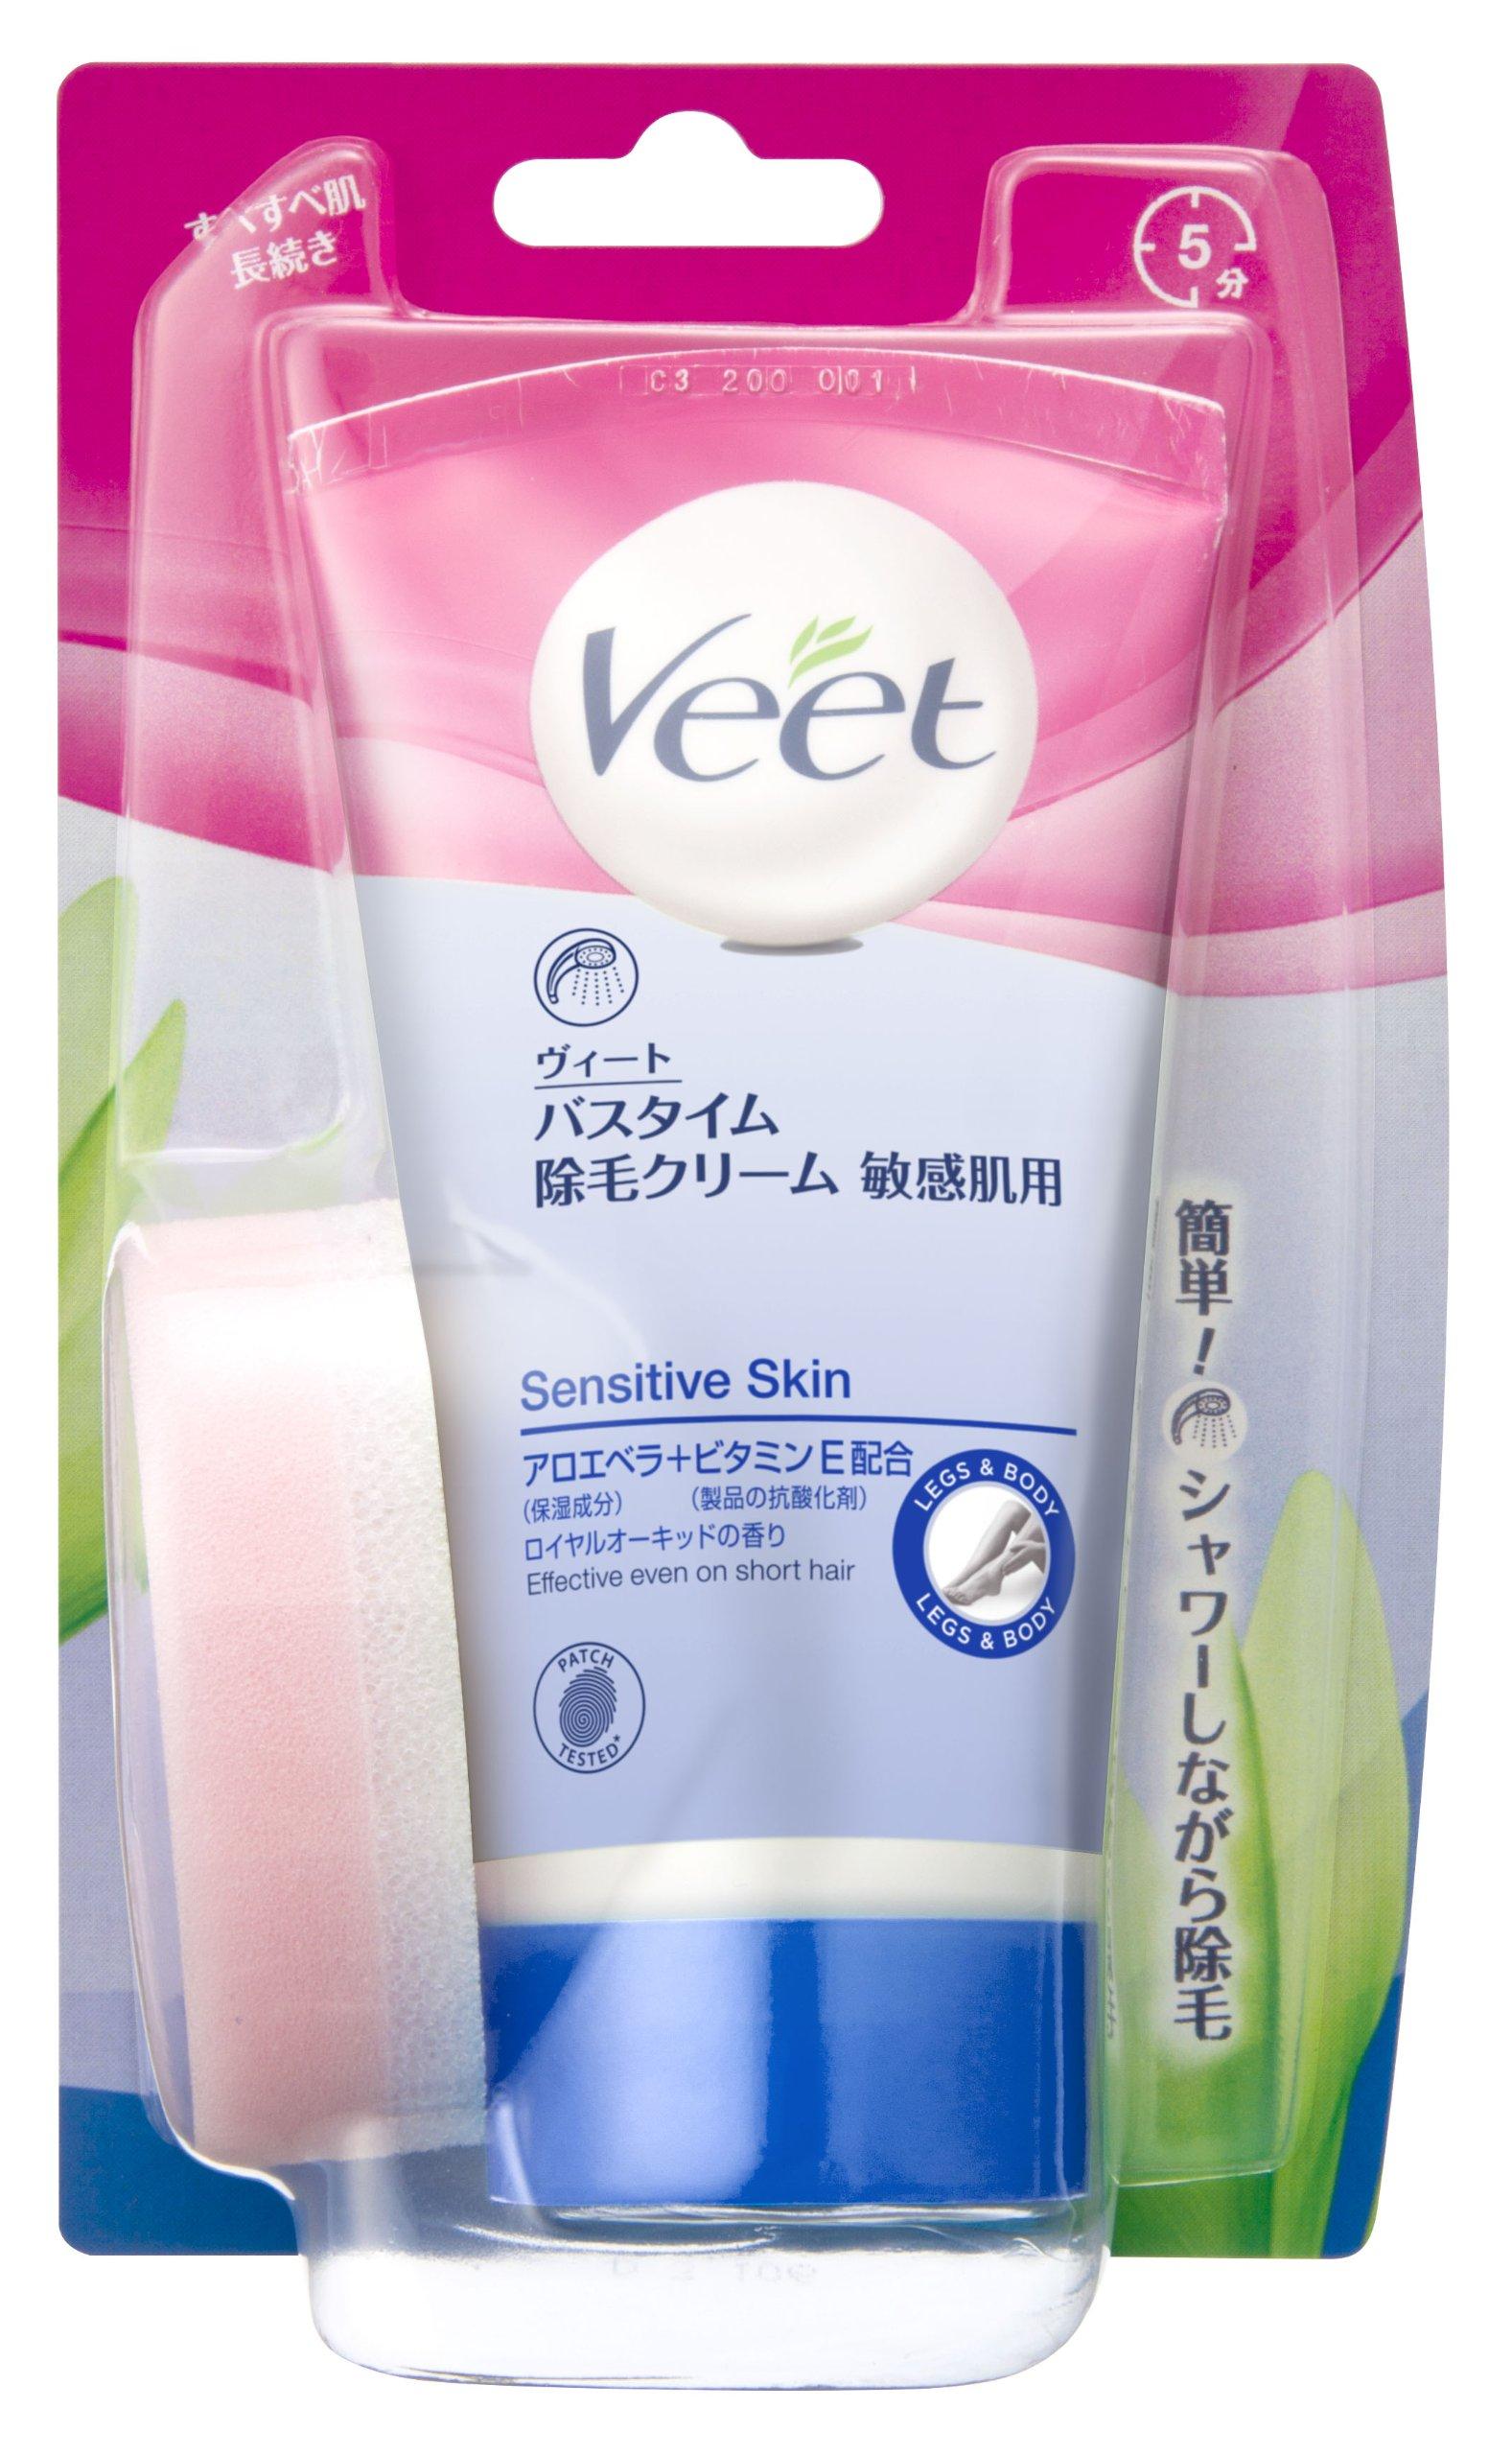 ヴィート バスタイム 除毛クリーム 敏感肌用 150g